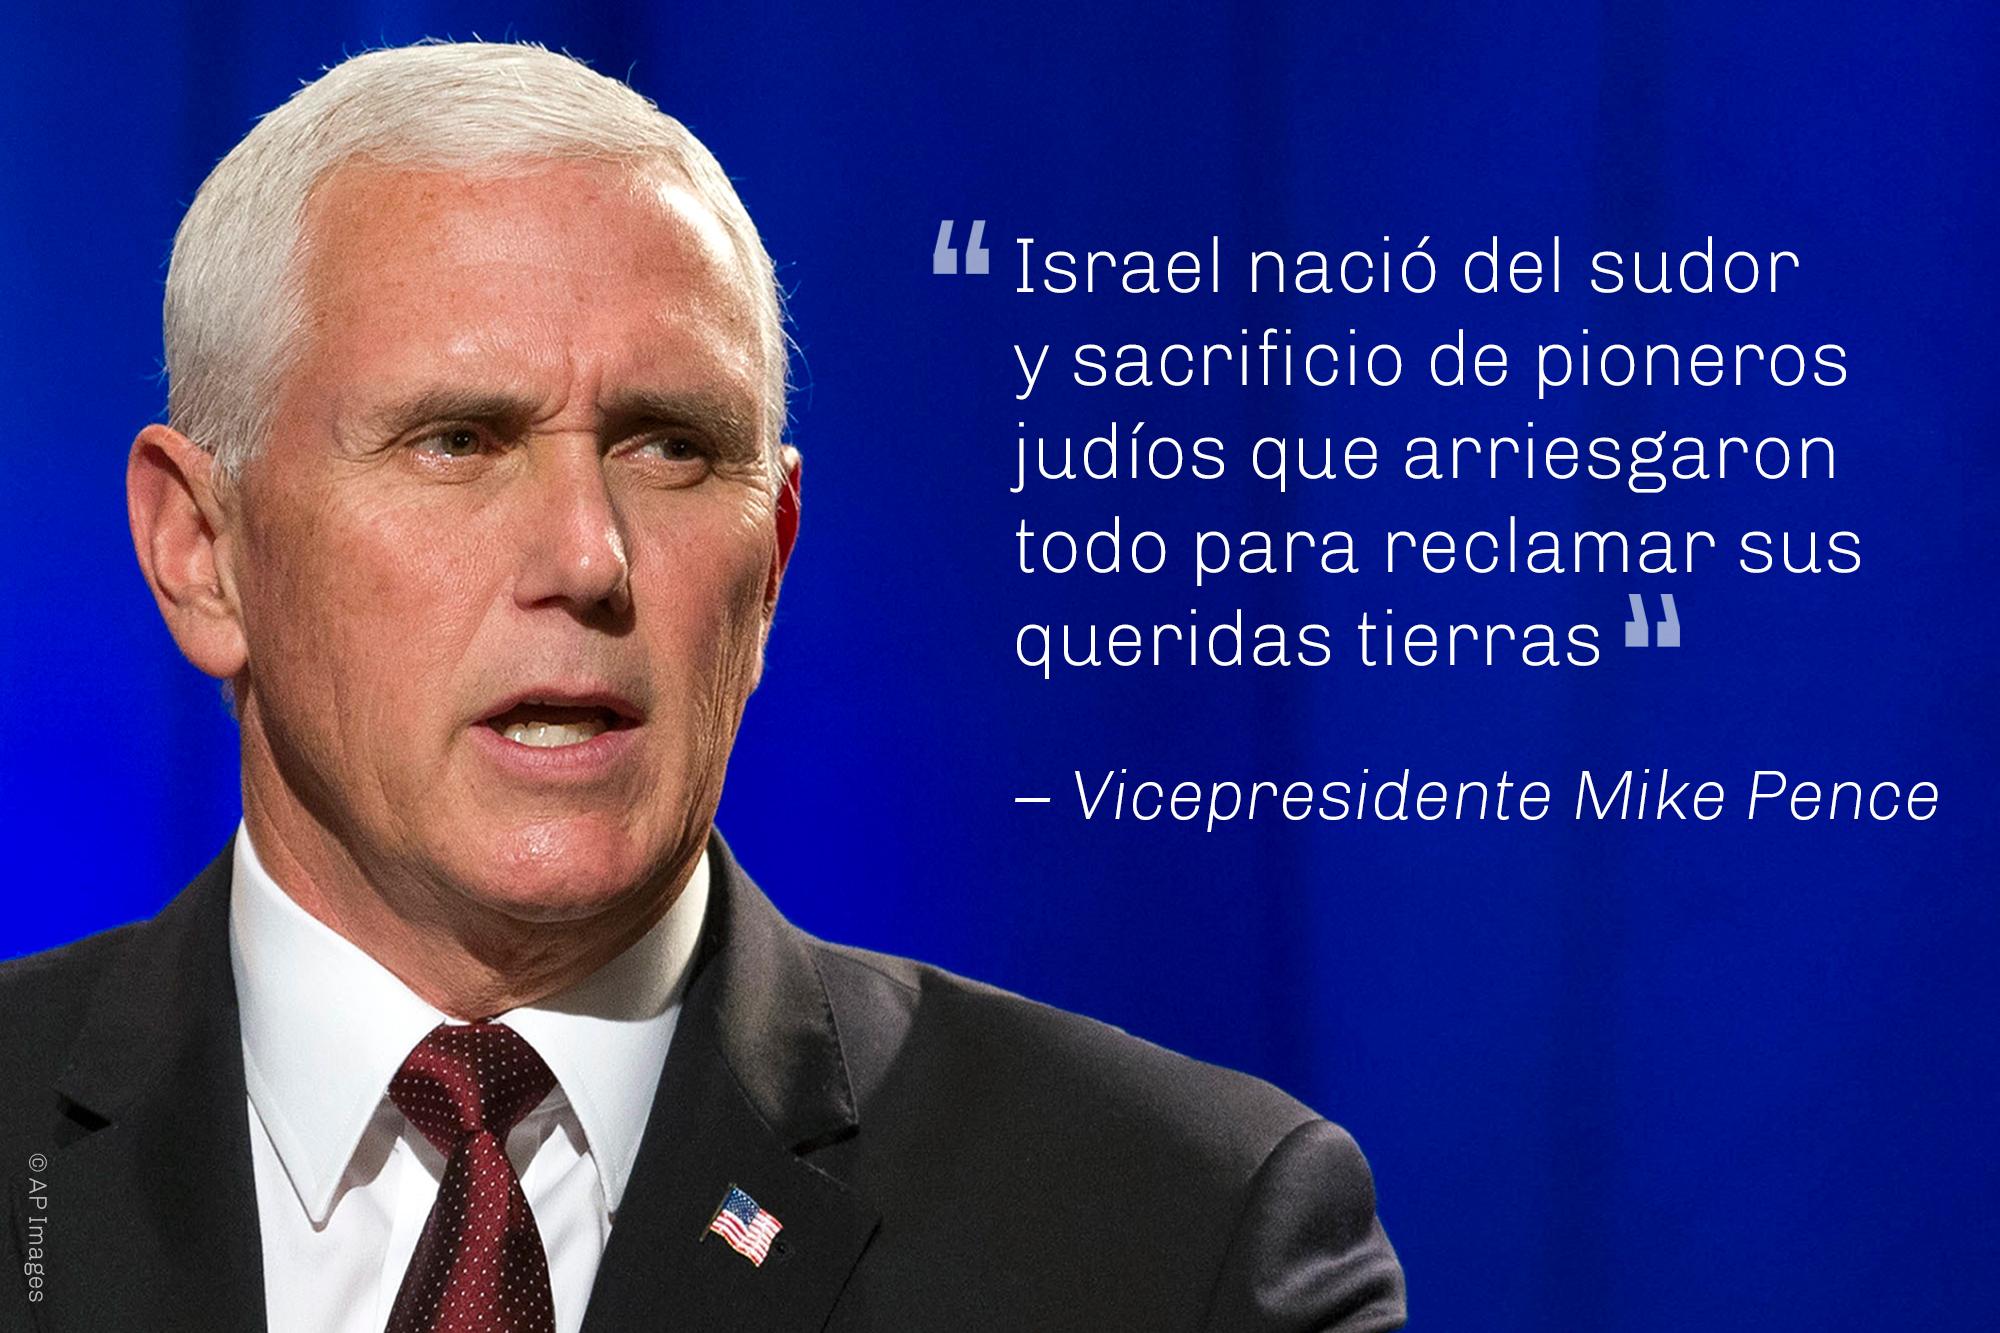 Cita del vicepresidente sobre el sacrificio de los pioneros judíos con fotografía de Pence (© AP Images)